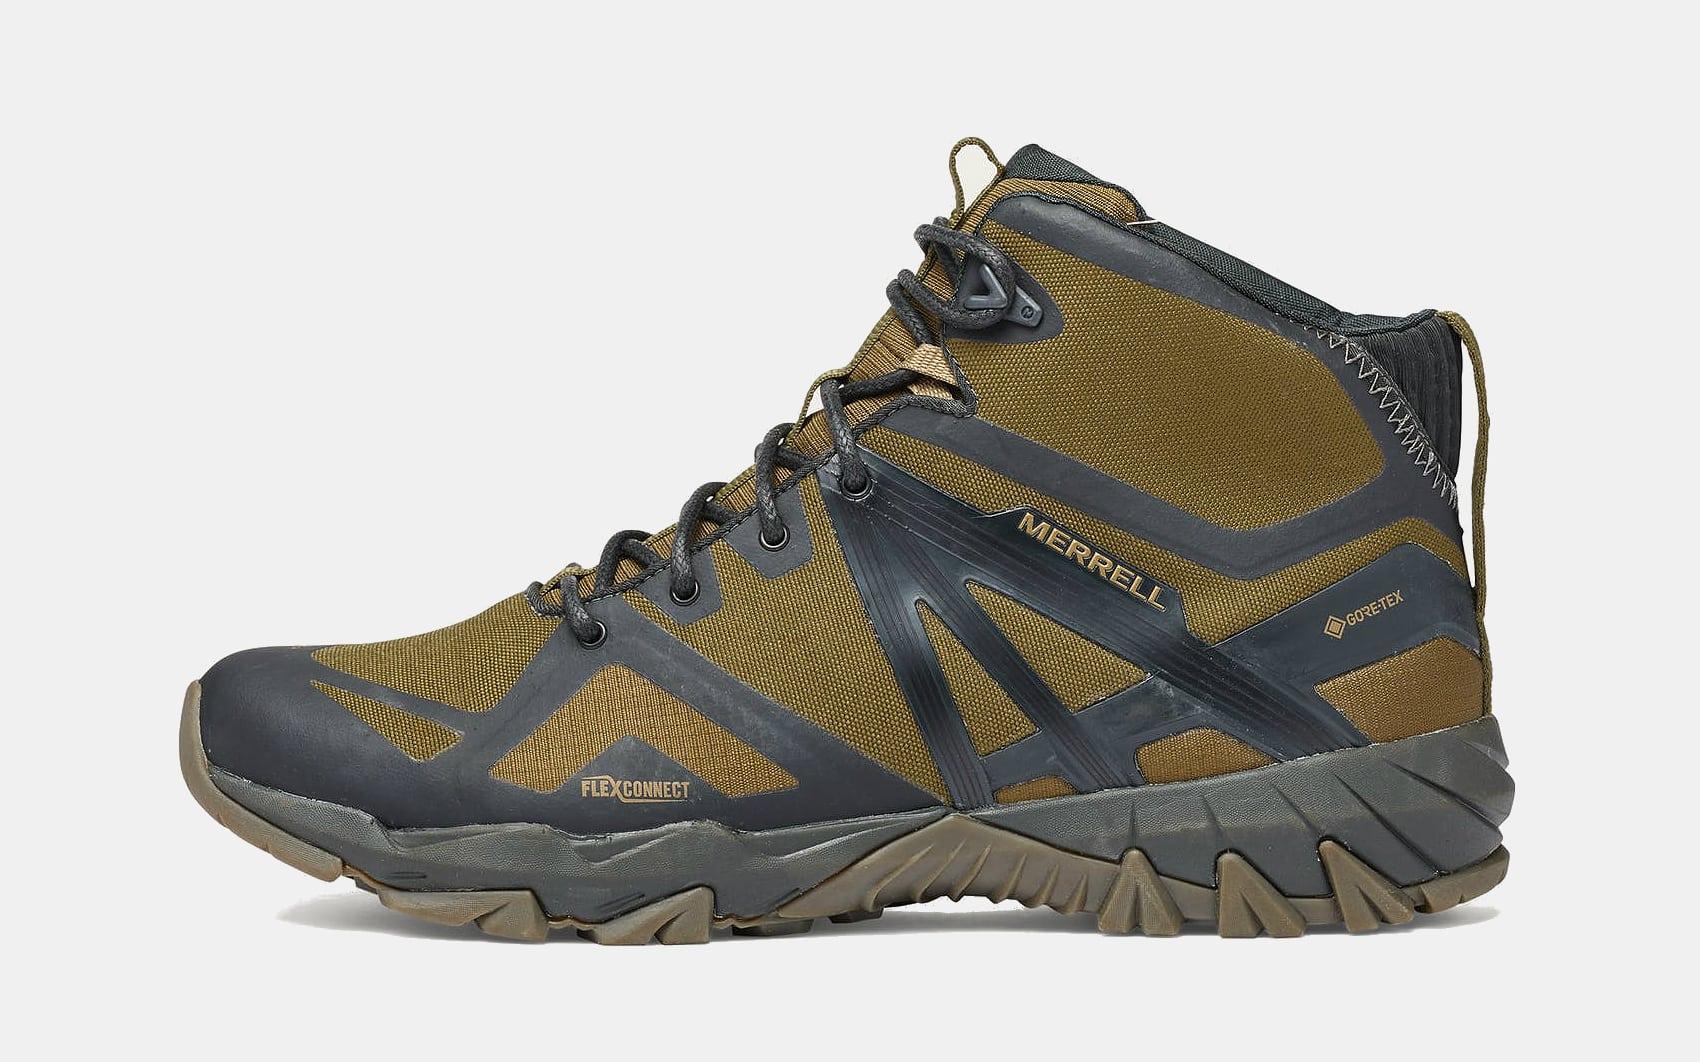 Filson x Merrell MQM Trail Runner